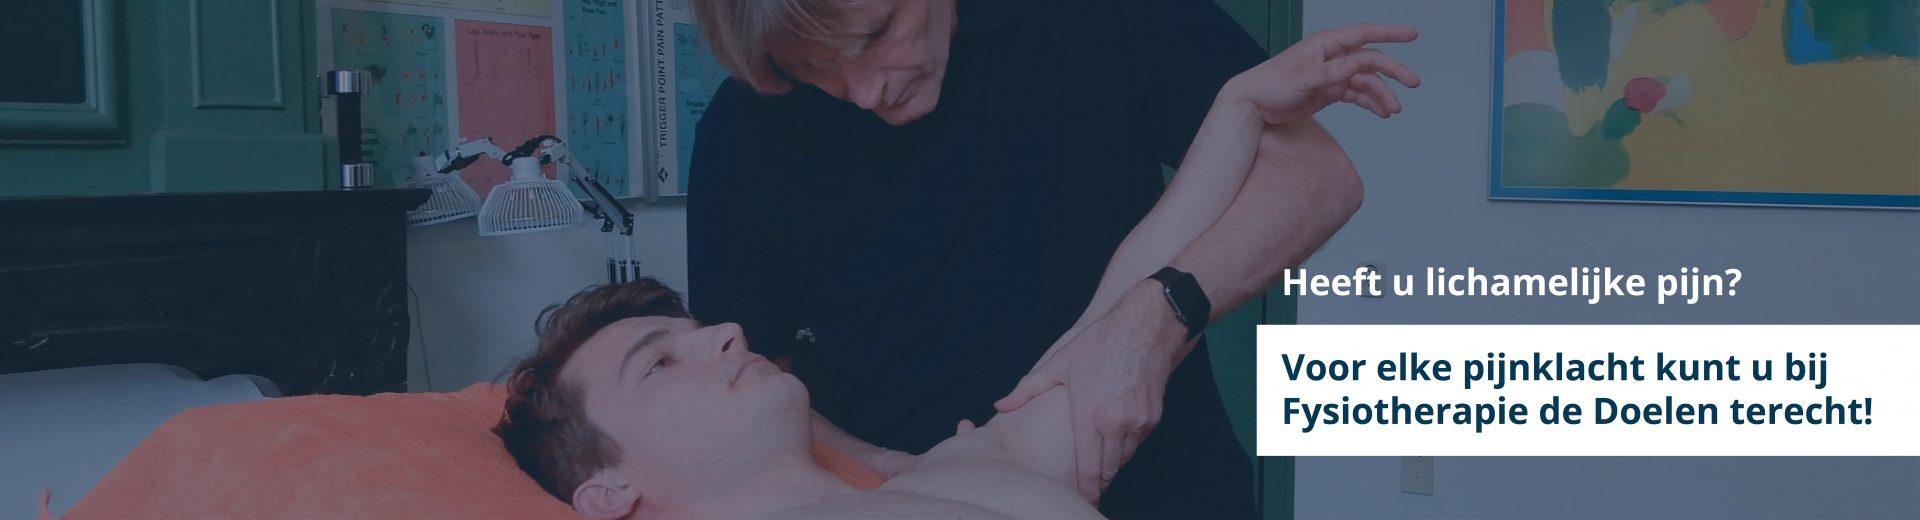 Fysio, Fysio Gouda, Fysiotherapie, fysiotherapie gouda, fysiotherapiepraktijk, fysiotherapiepraktijk gouda, fysiotherapeut, fysiotherapeut gouda, fysiotherapeuten, fysiotherapeuten gouda, praktijk, praktijk gouda, fysiotherapie de doelen, fysiotherapie de doelen gouda